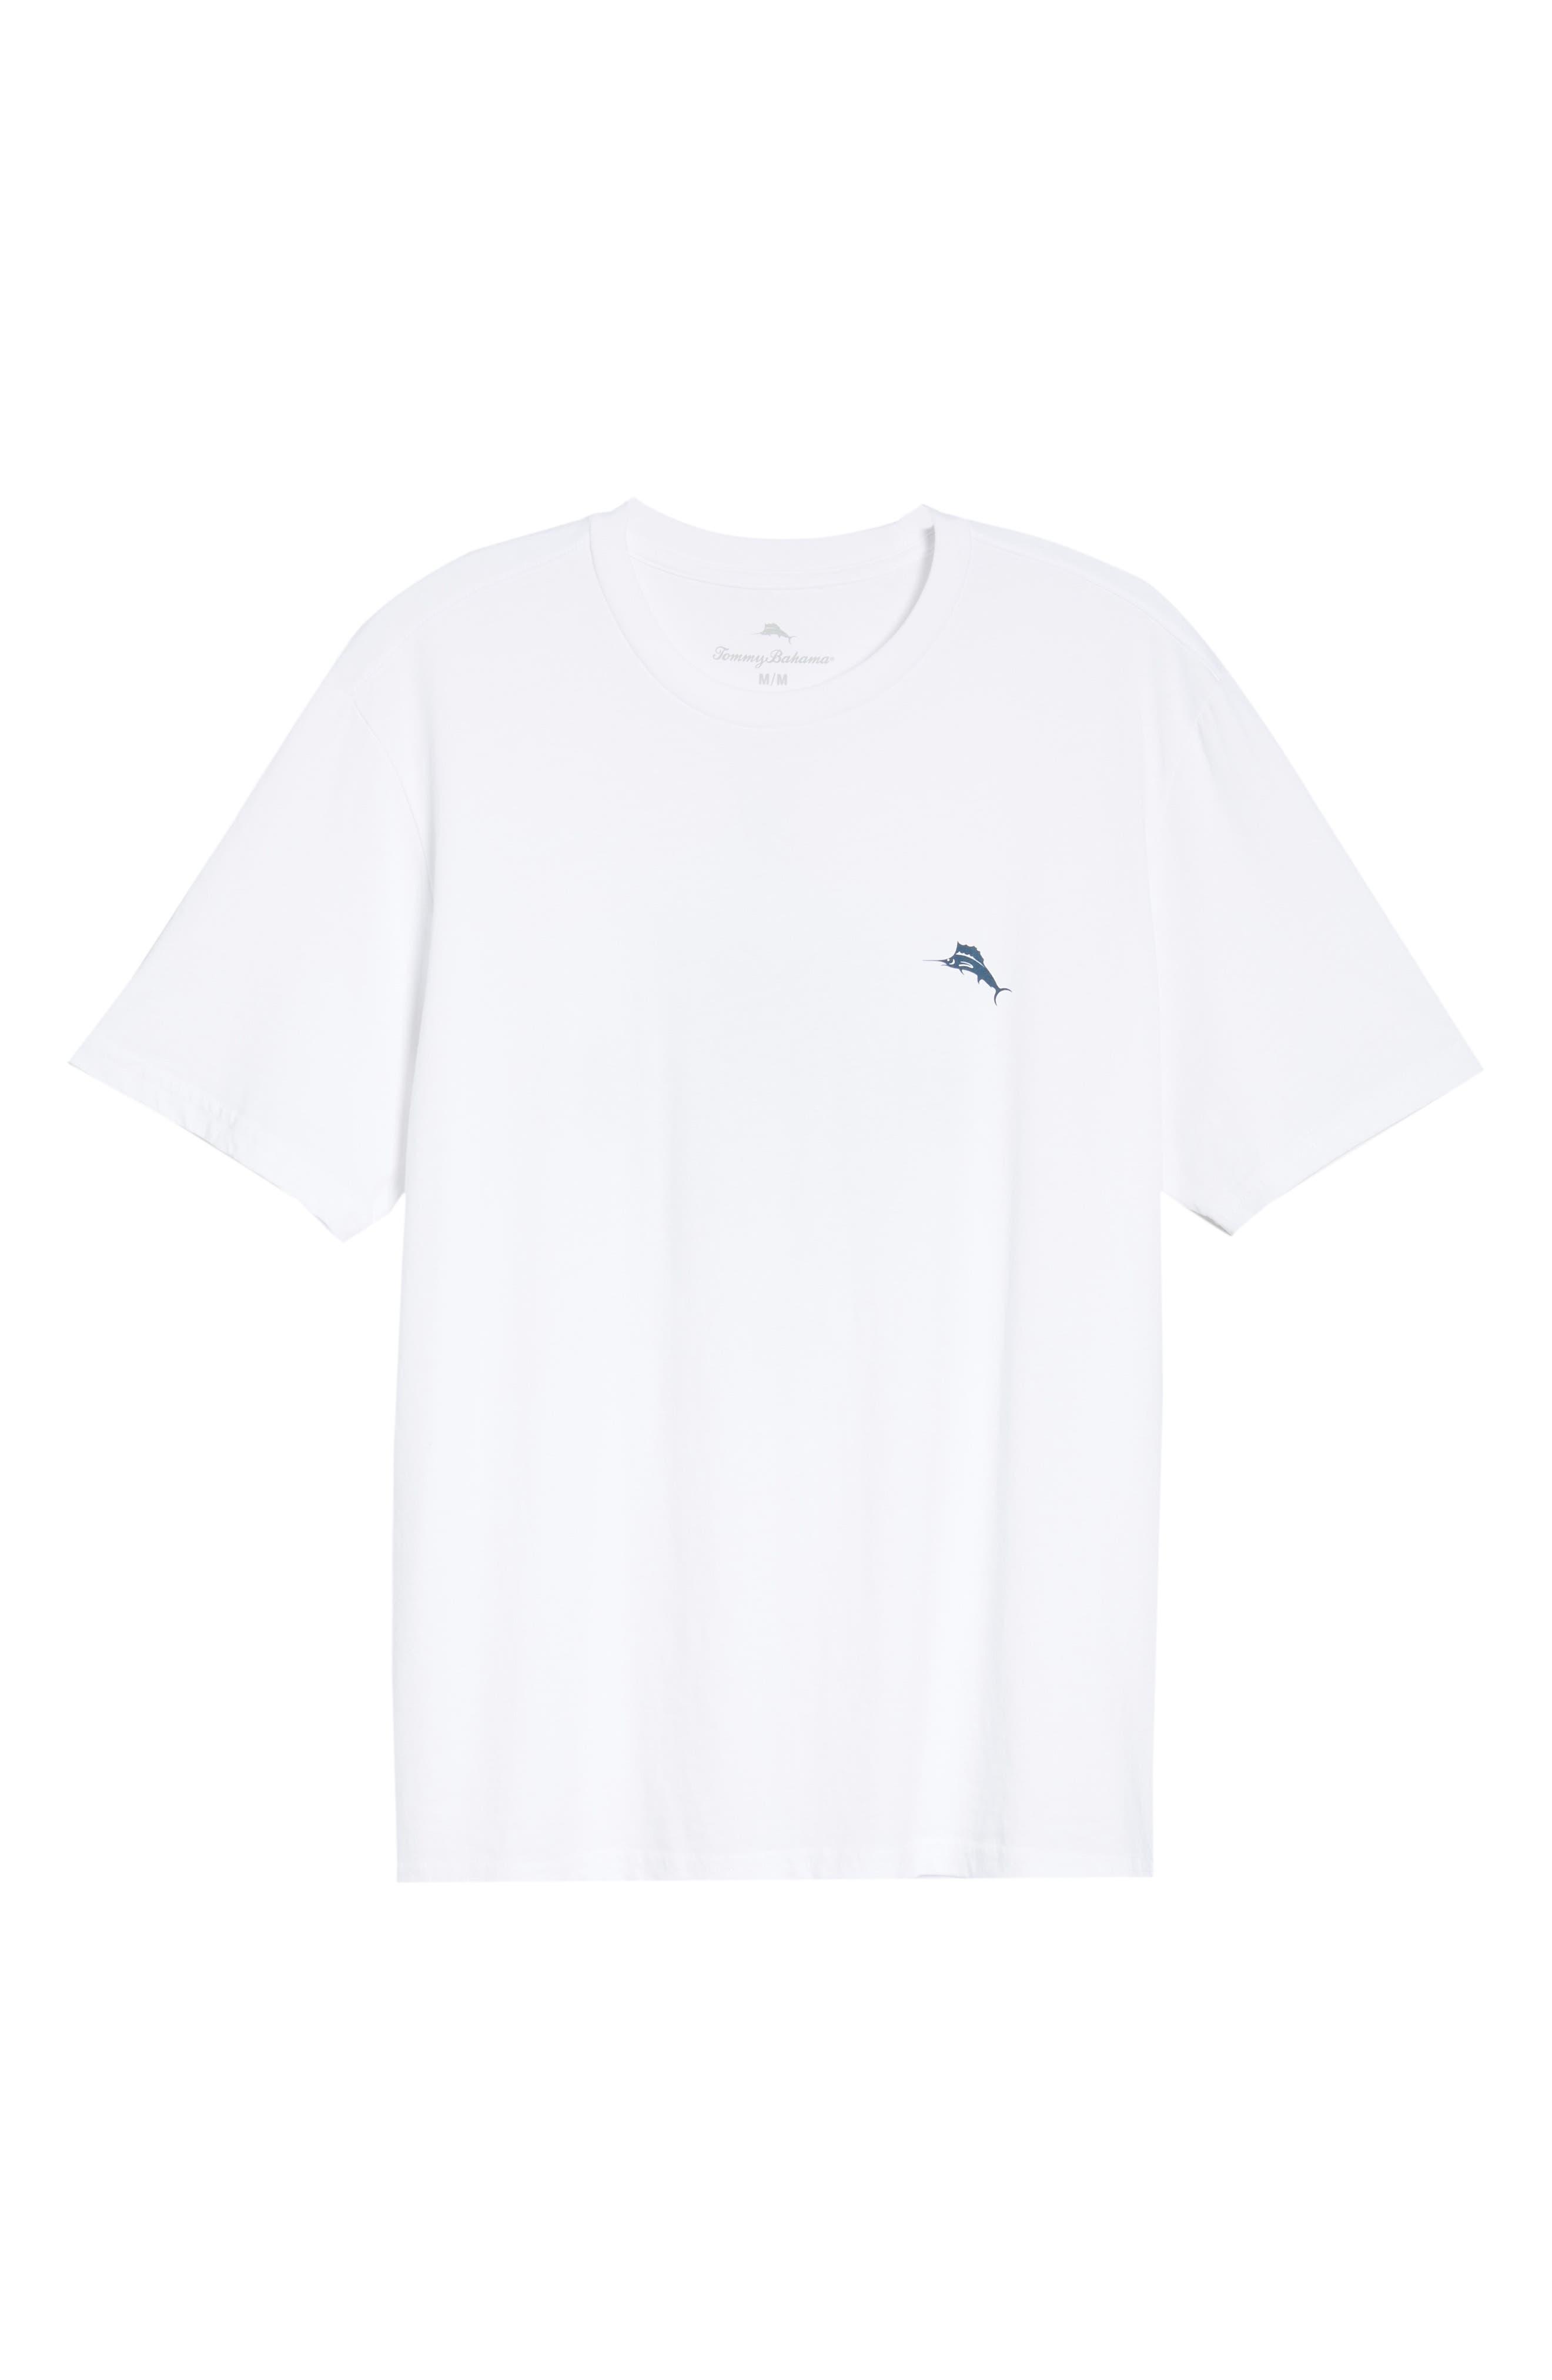 Diamond Cove T-Shirt,                             Alternate thumbnail 6, color,                             White